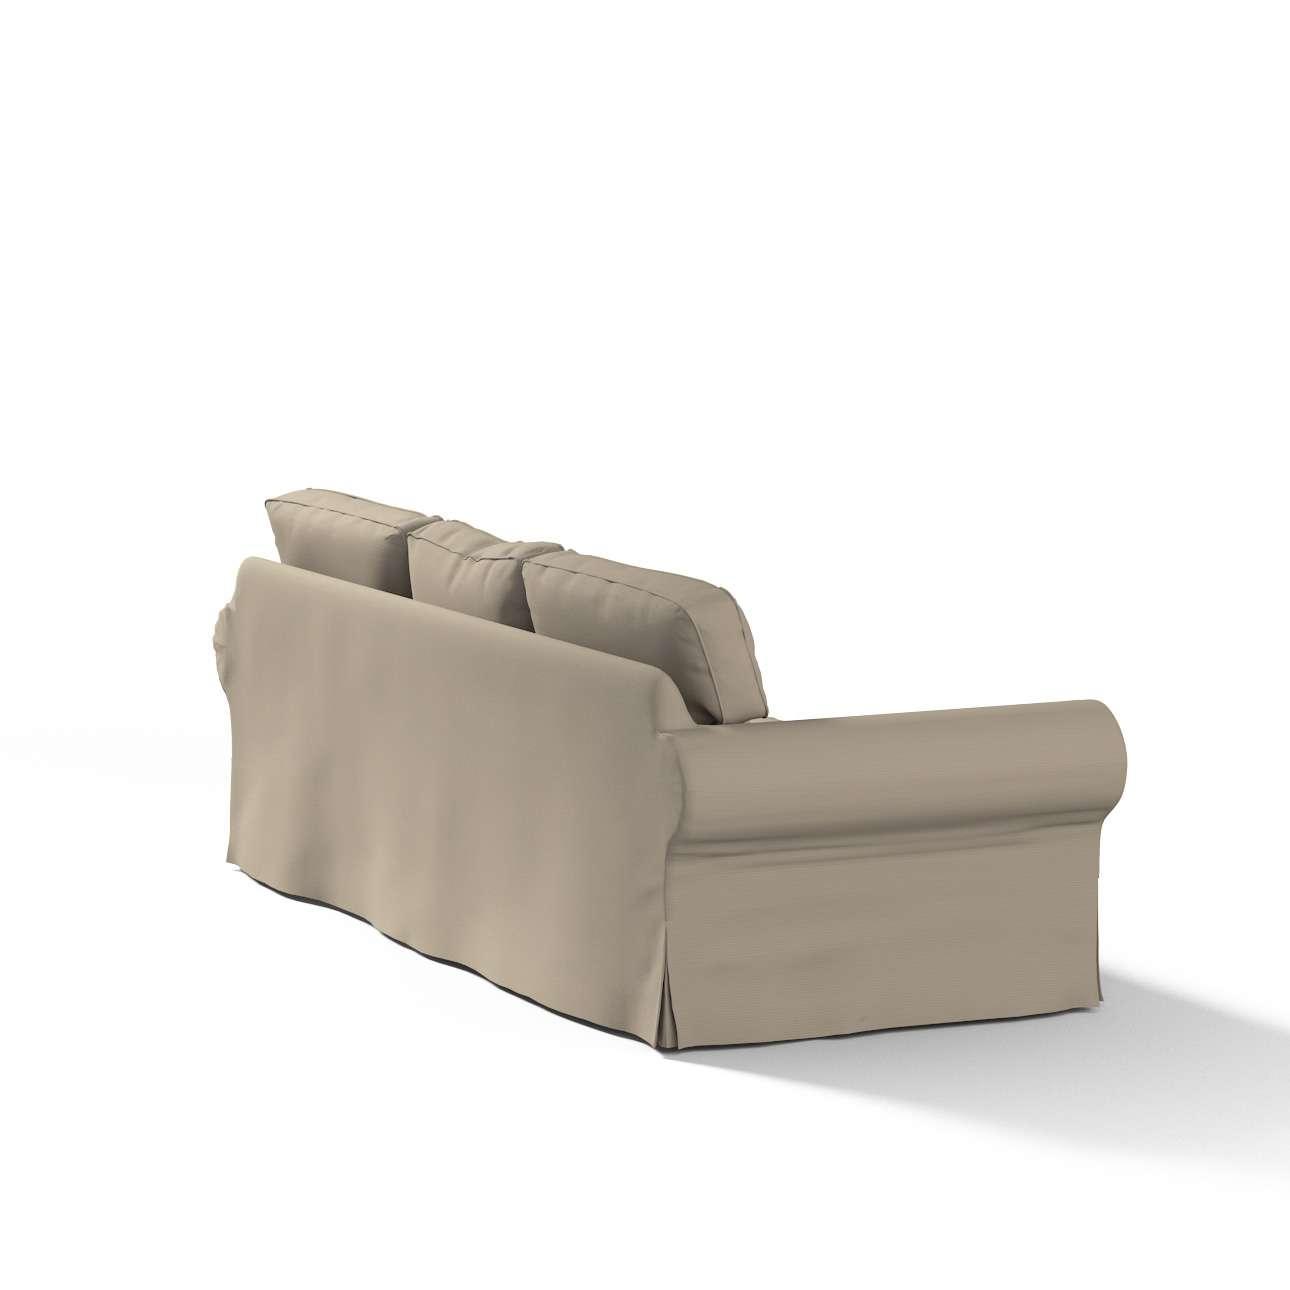 Pokrowiec na sofę Ektorp 3-osobową, rozkładaną w kolekcji Cotton Panama, tkanina: 702-28